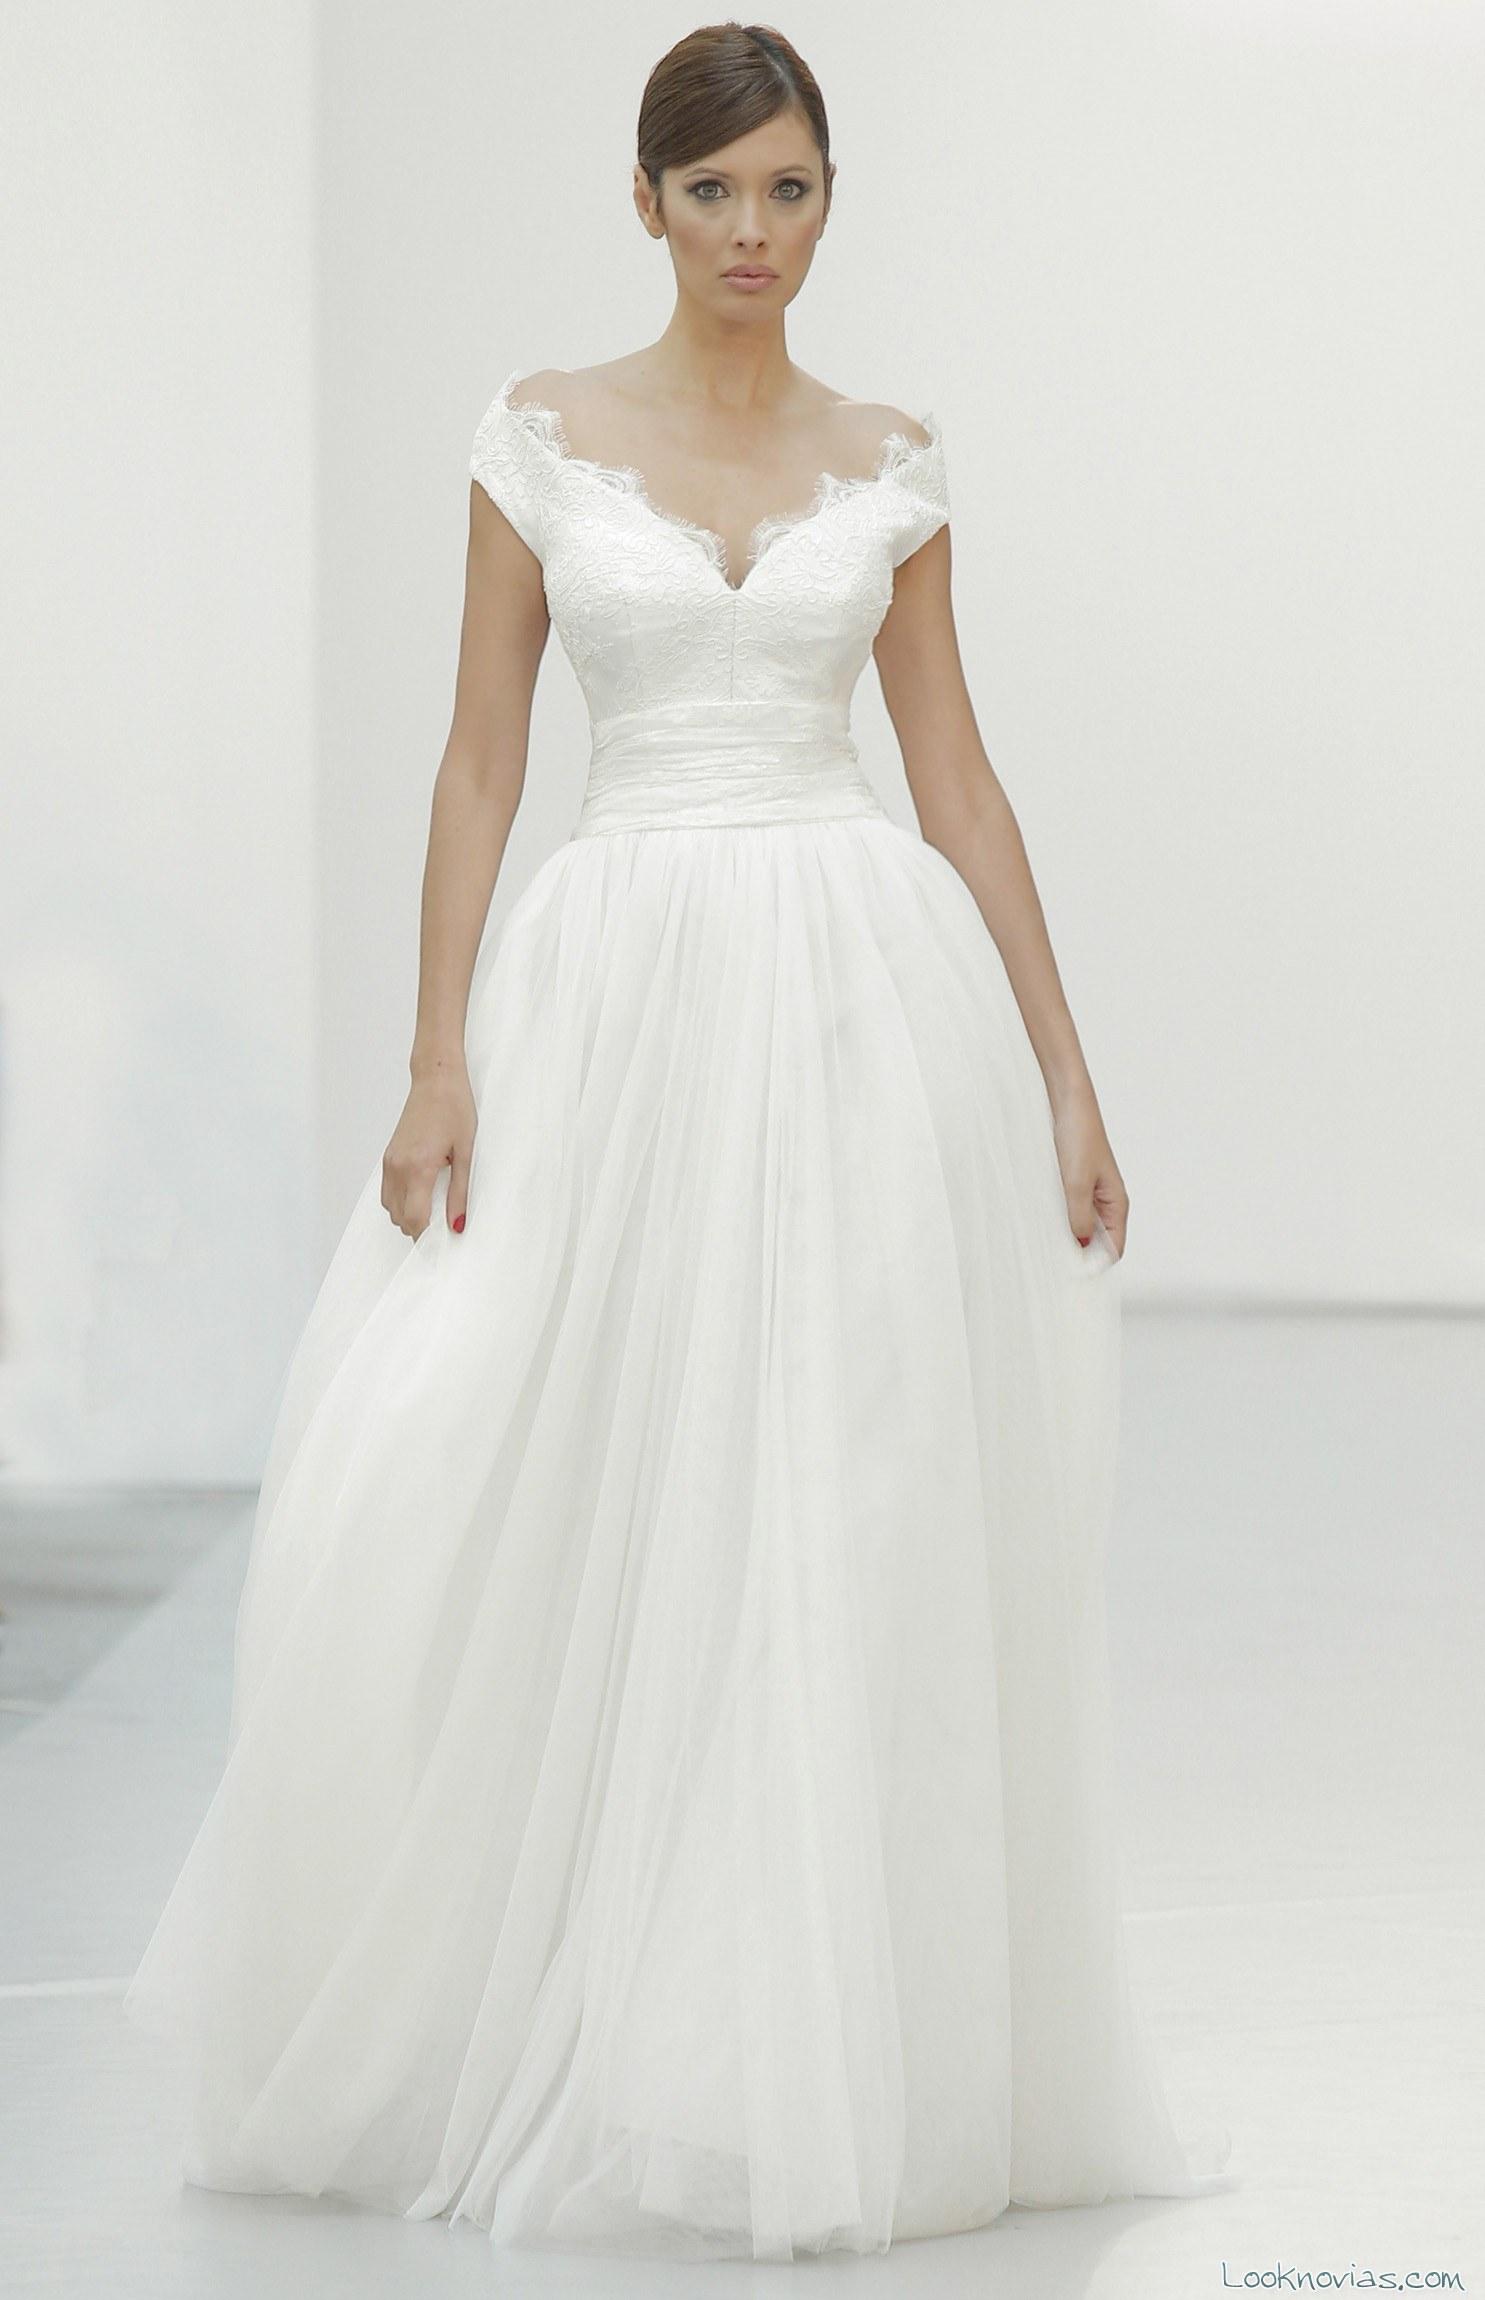 vestido novia hombros caídos hannibal laguna